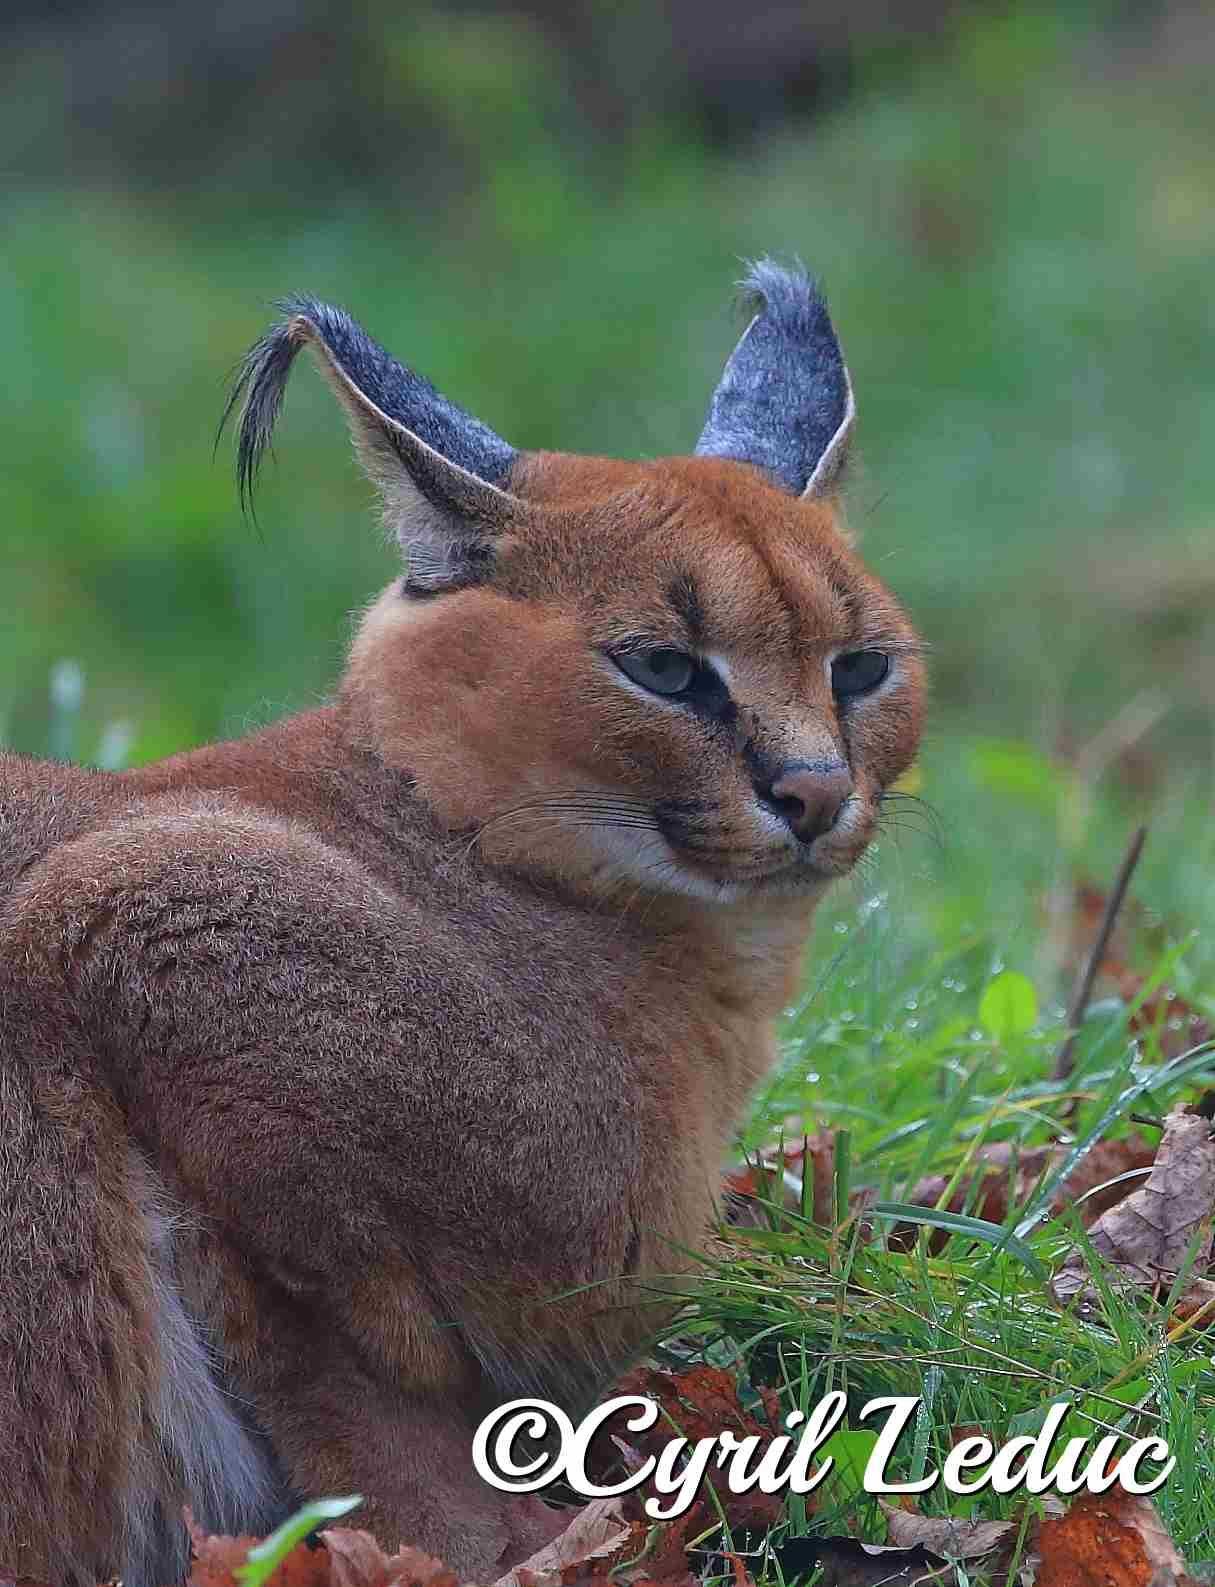 Caracal signifie oreilles noires en Turc. Il est un mammifère de la famille des félidés. Il vit dans des endroits secs, comme la savane. Comme tout félin, il est territorial et n'accepte pas d'autres félins dans son domaine, qu'il marque en urinant sur les rochers et les arbres afin d'y laisser des marques olfactives. Mais parfois, on peut le rencontrer en couple et en groupe.